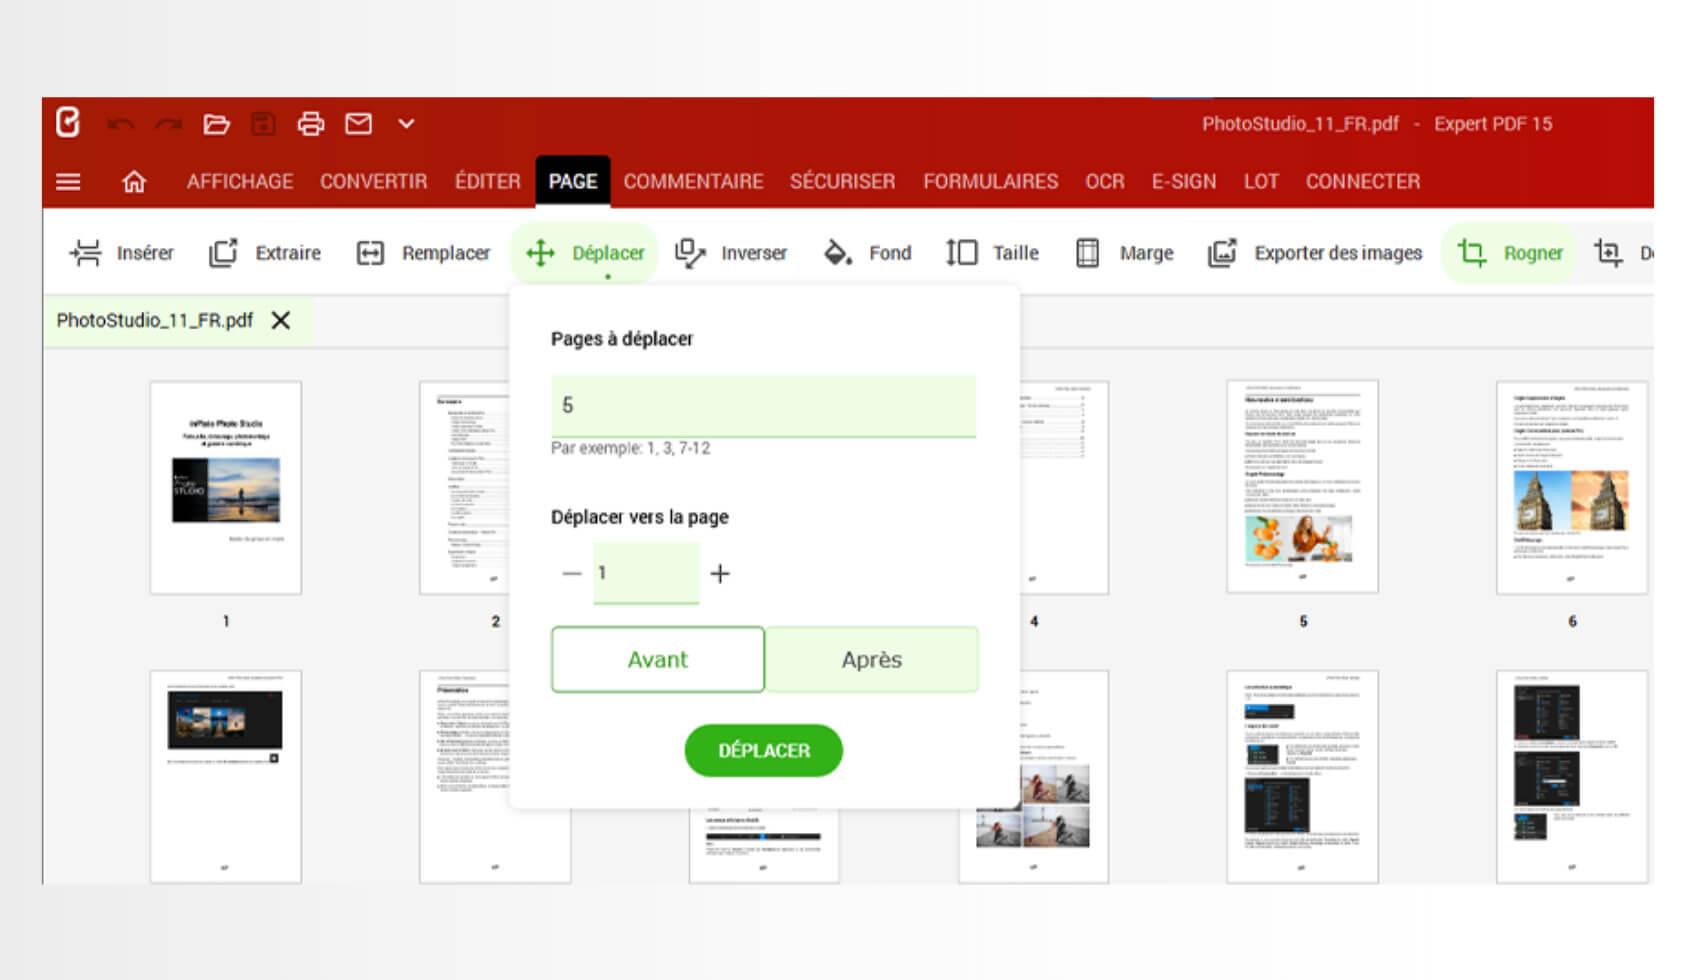 Agencez à votre guise vos fichiers PDF grâce à aux différentes fonctions de déplacement, suppression, extraction, rognage, rotation et copie de pages.Depuis le module Page, cliquez sur le bouton Insérer pour ajouter des pages vierges ou provenant de fichiers PDF pour compléter vos documents.